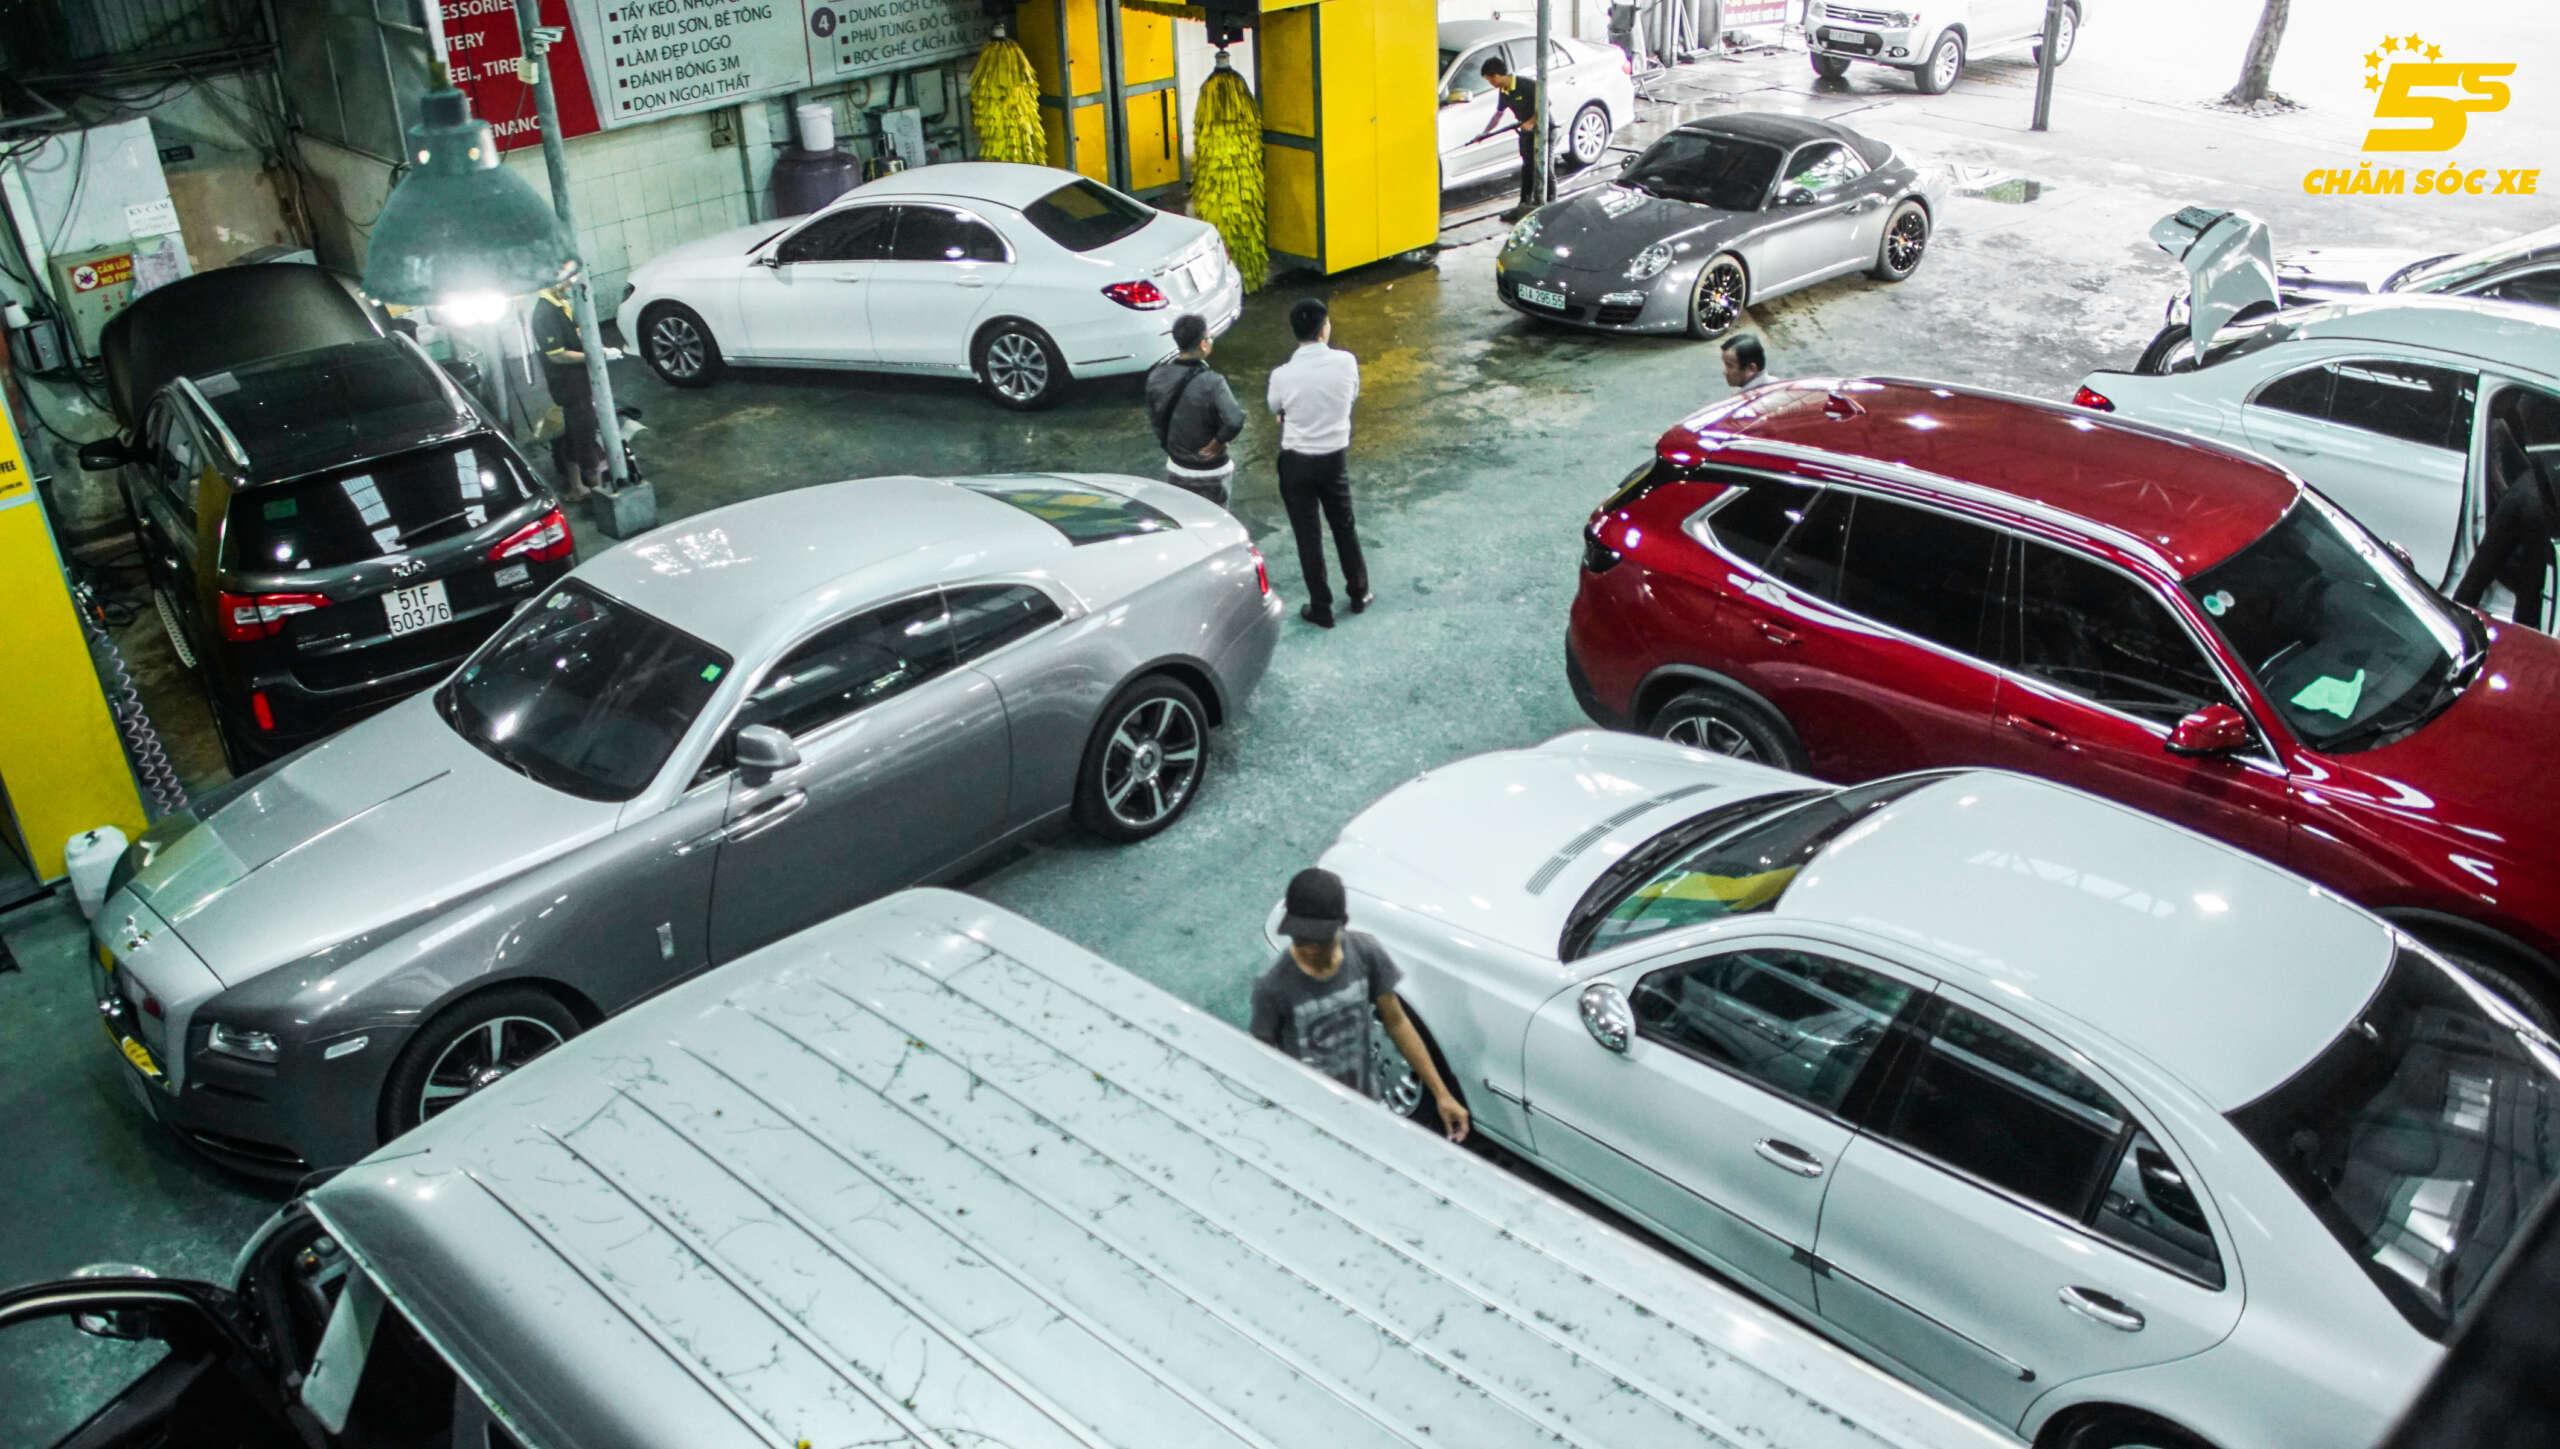 Mở Tiệm Rửa Ô tô tự động